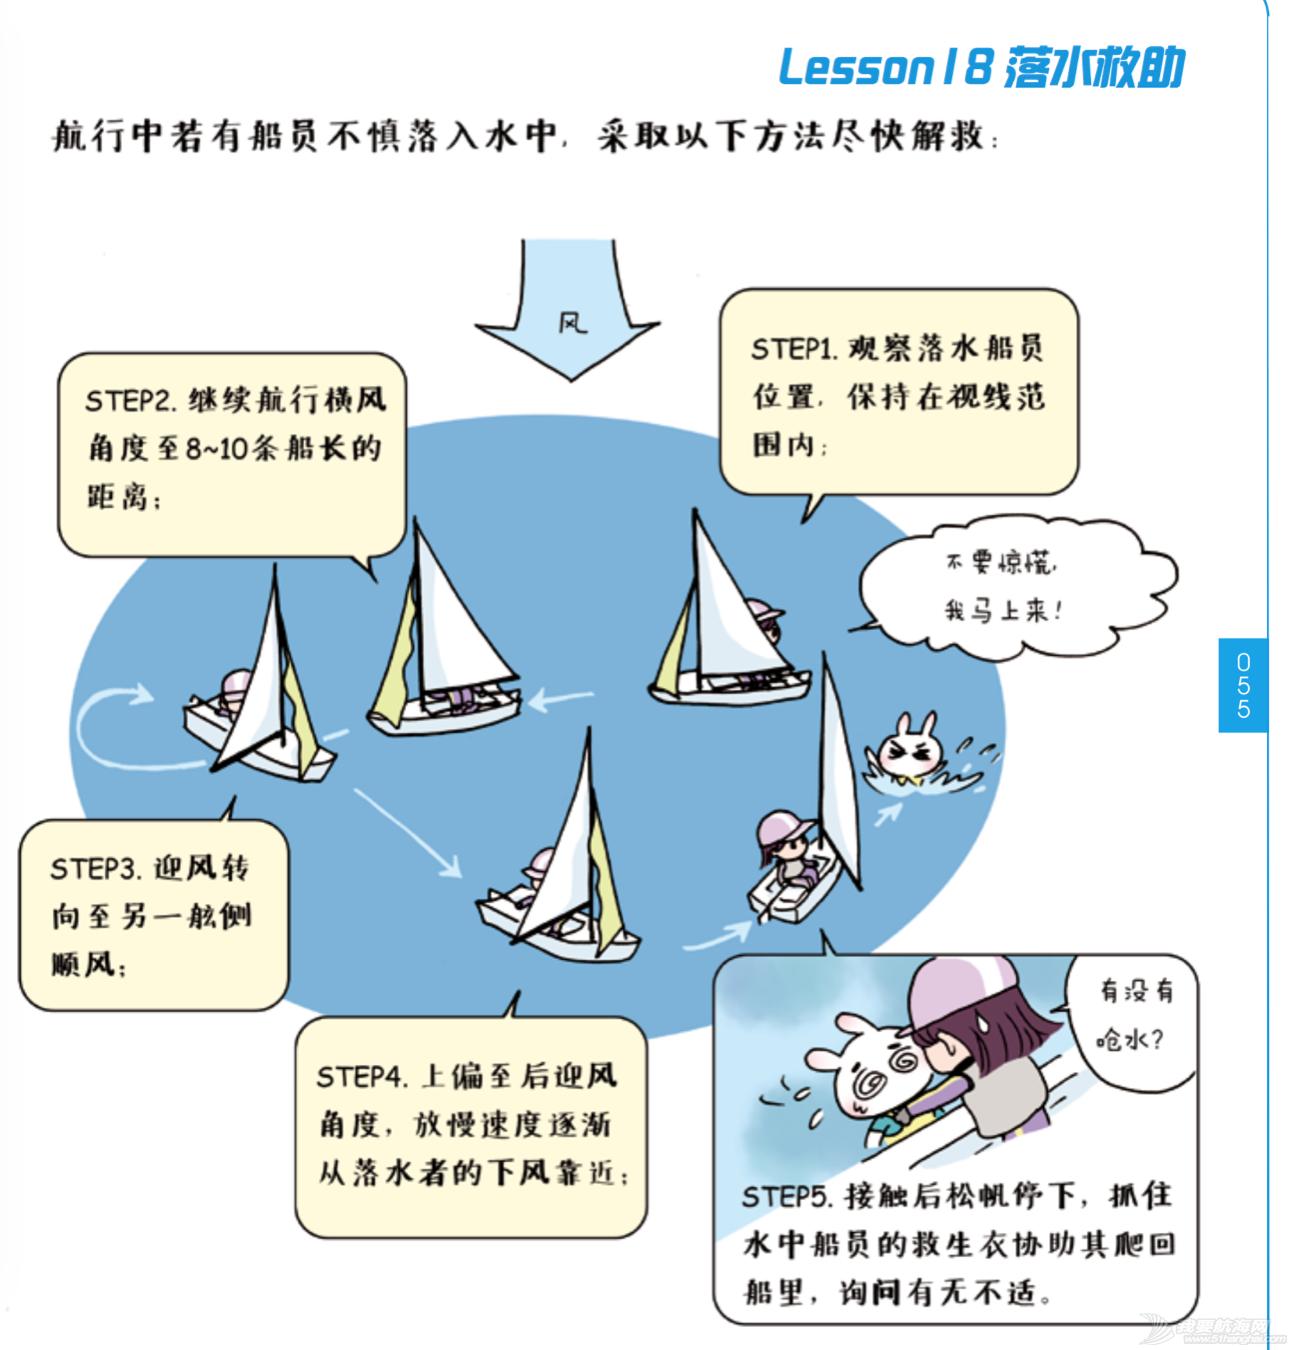 奥运冠军,帆船,连载 《跟奥运冠军学帆船》Lesson 18 落水救助 屏幕快照